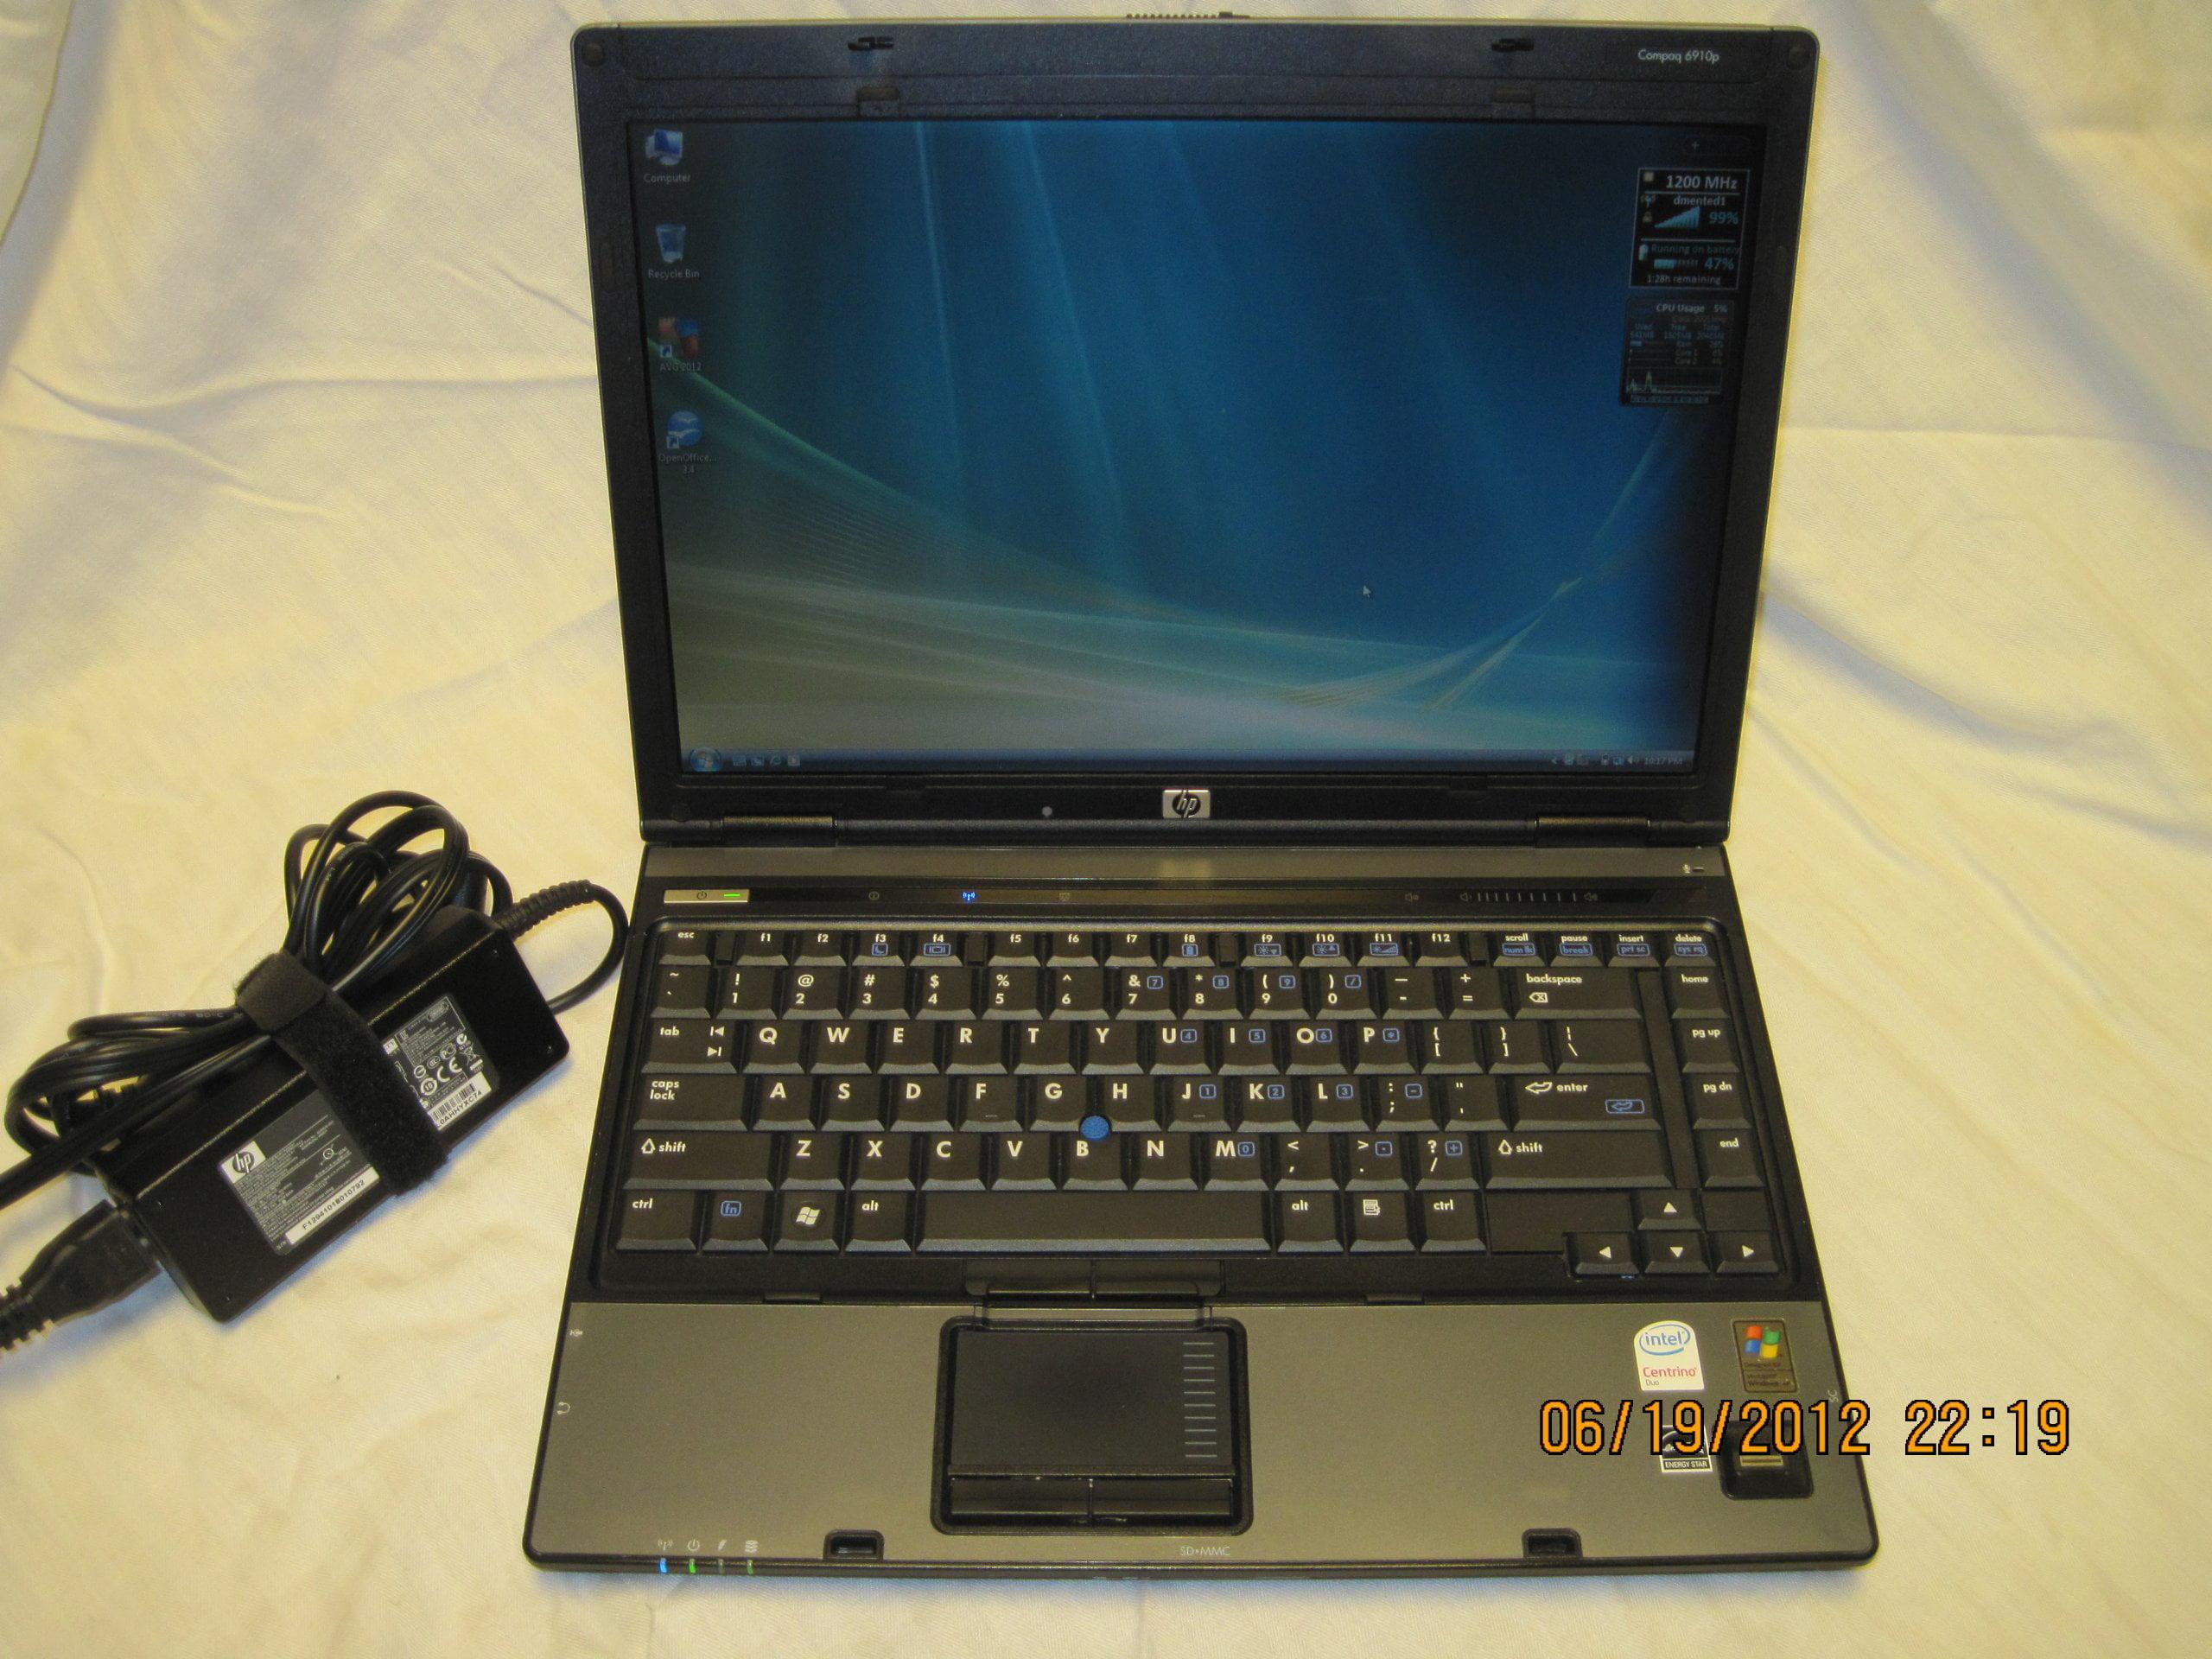 4GB DDR3 Laptop Memory for HP 15-f209nr 15-f209wm 15-f233wm 15-f271wm 15-f272wm